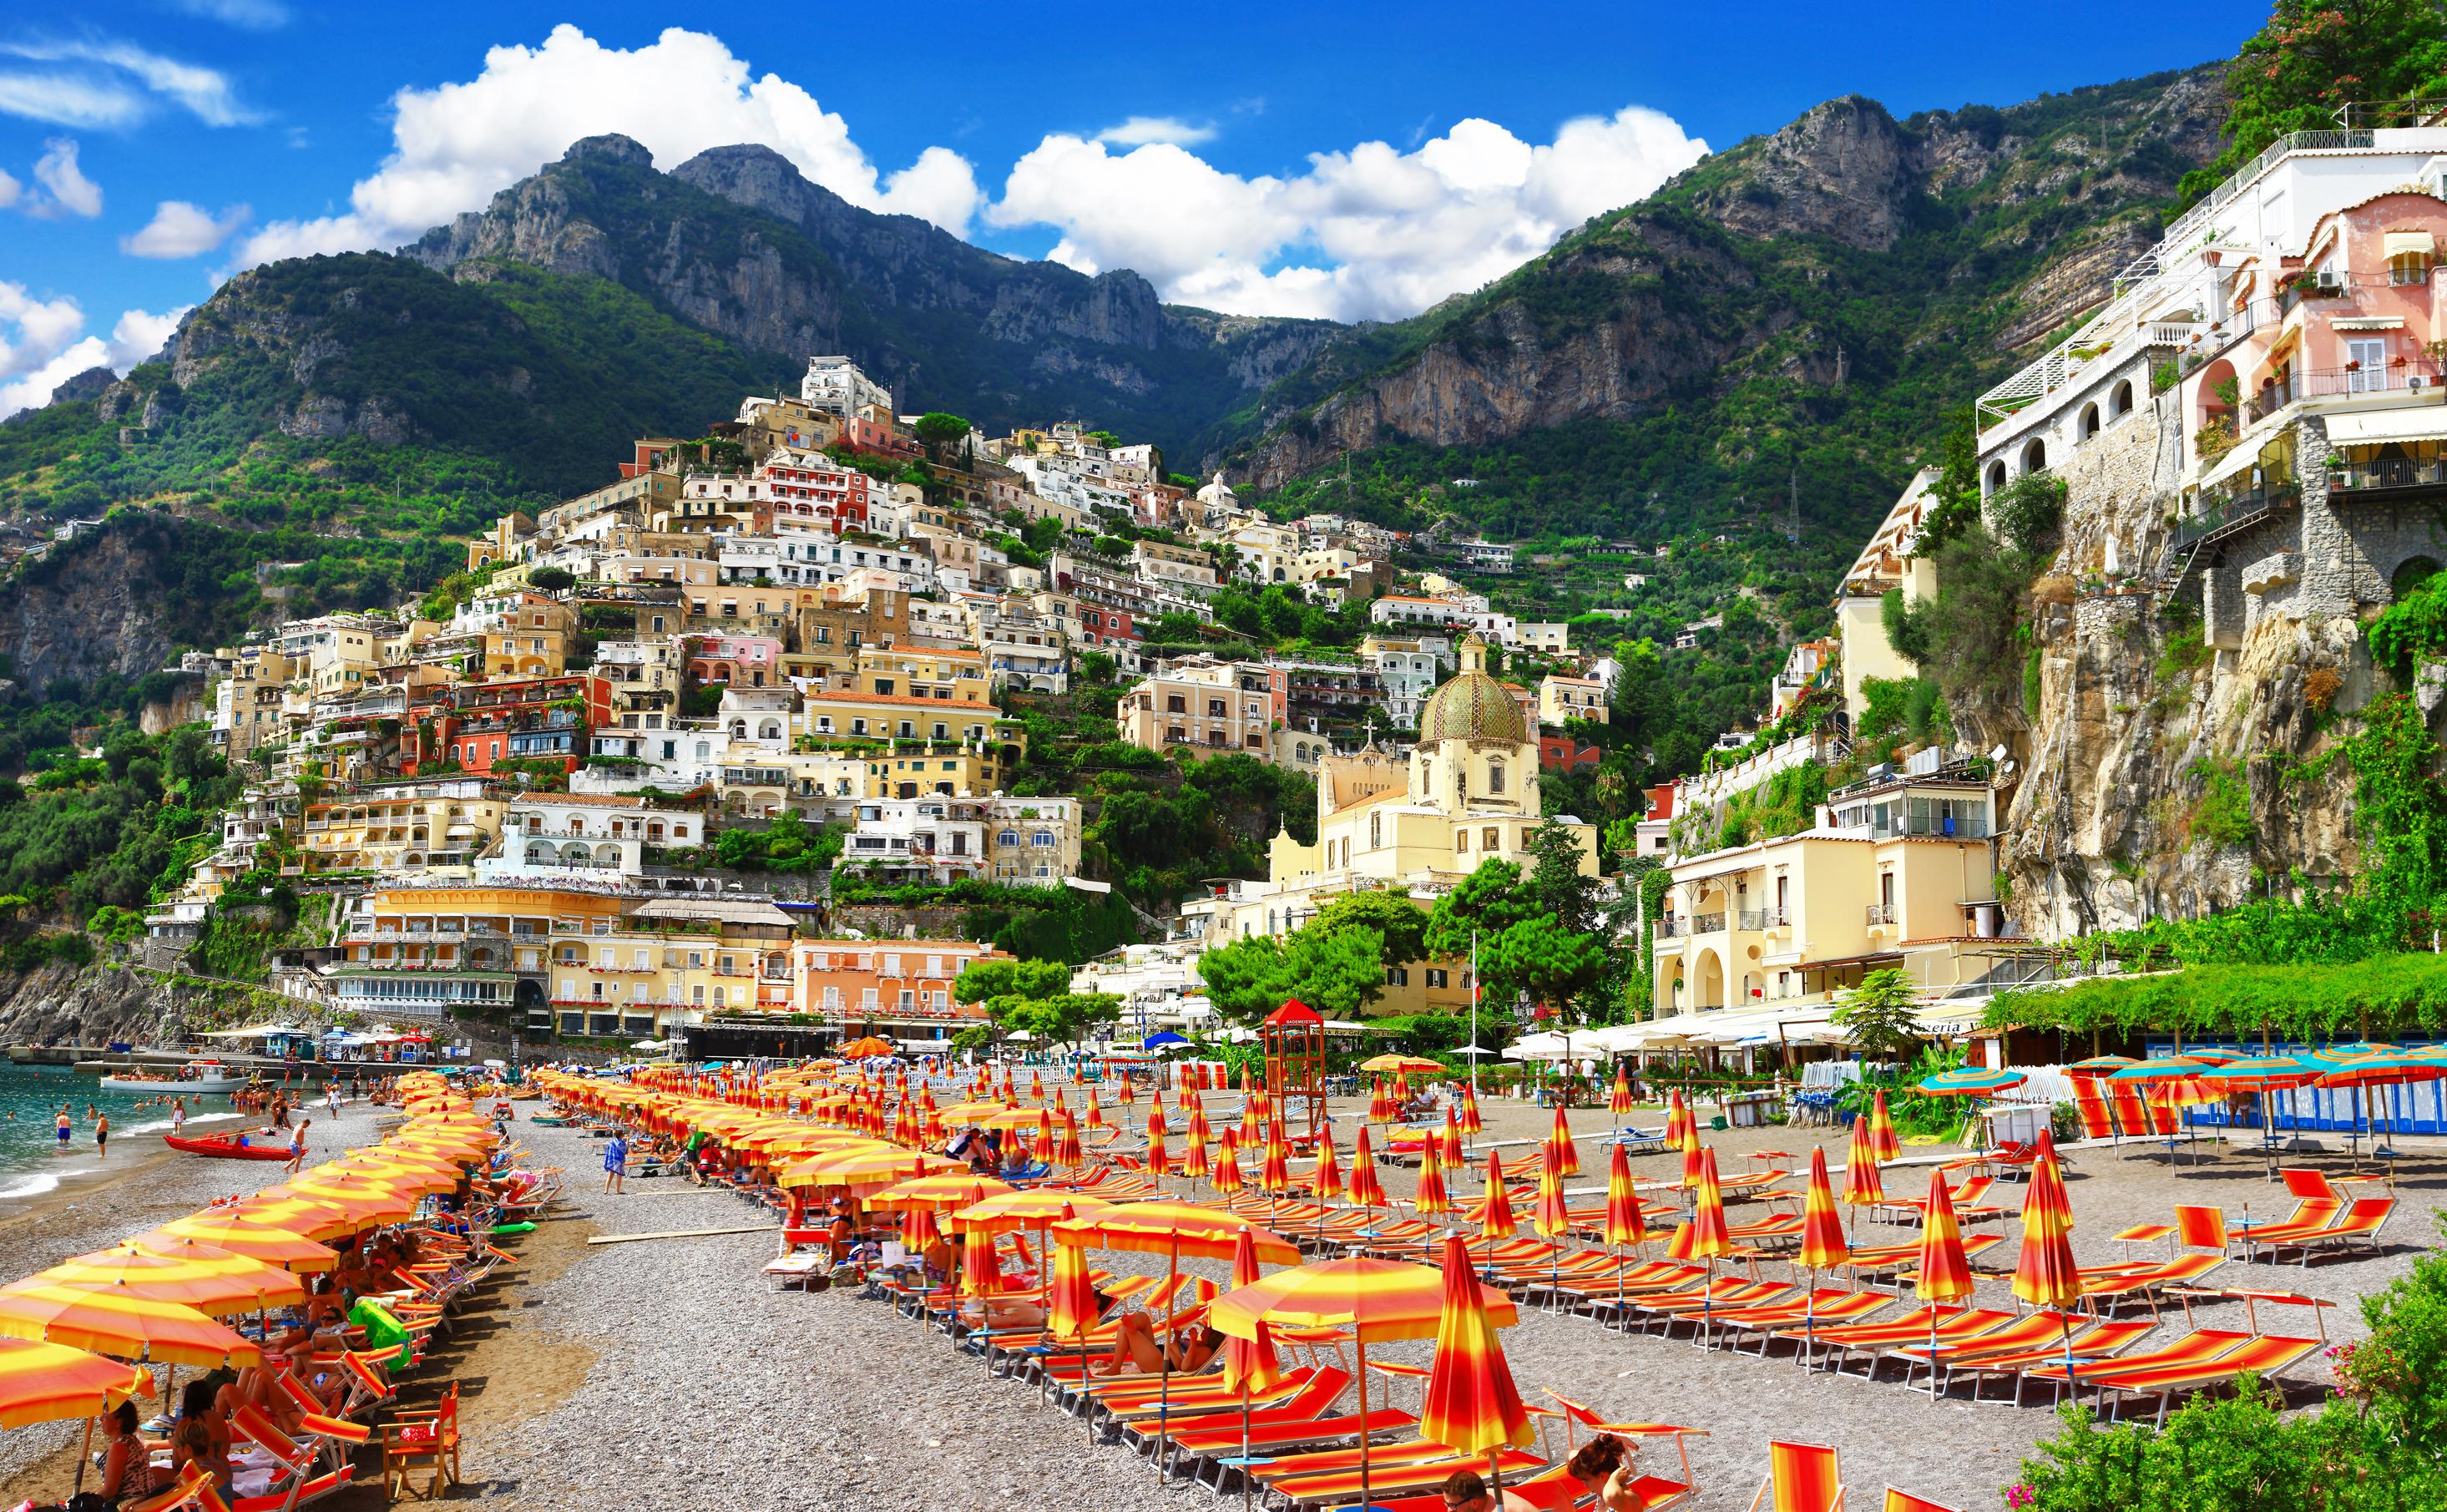 Spiaggia di Positano in Costiera Amalfitana